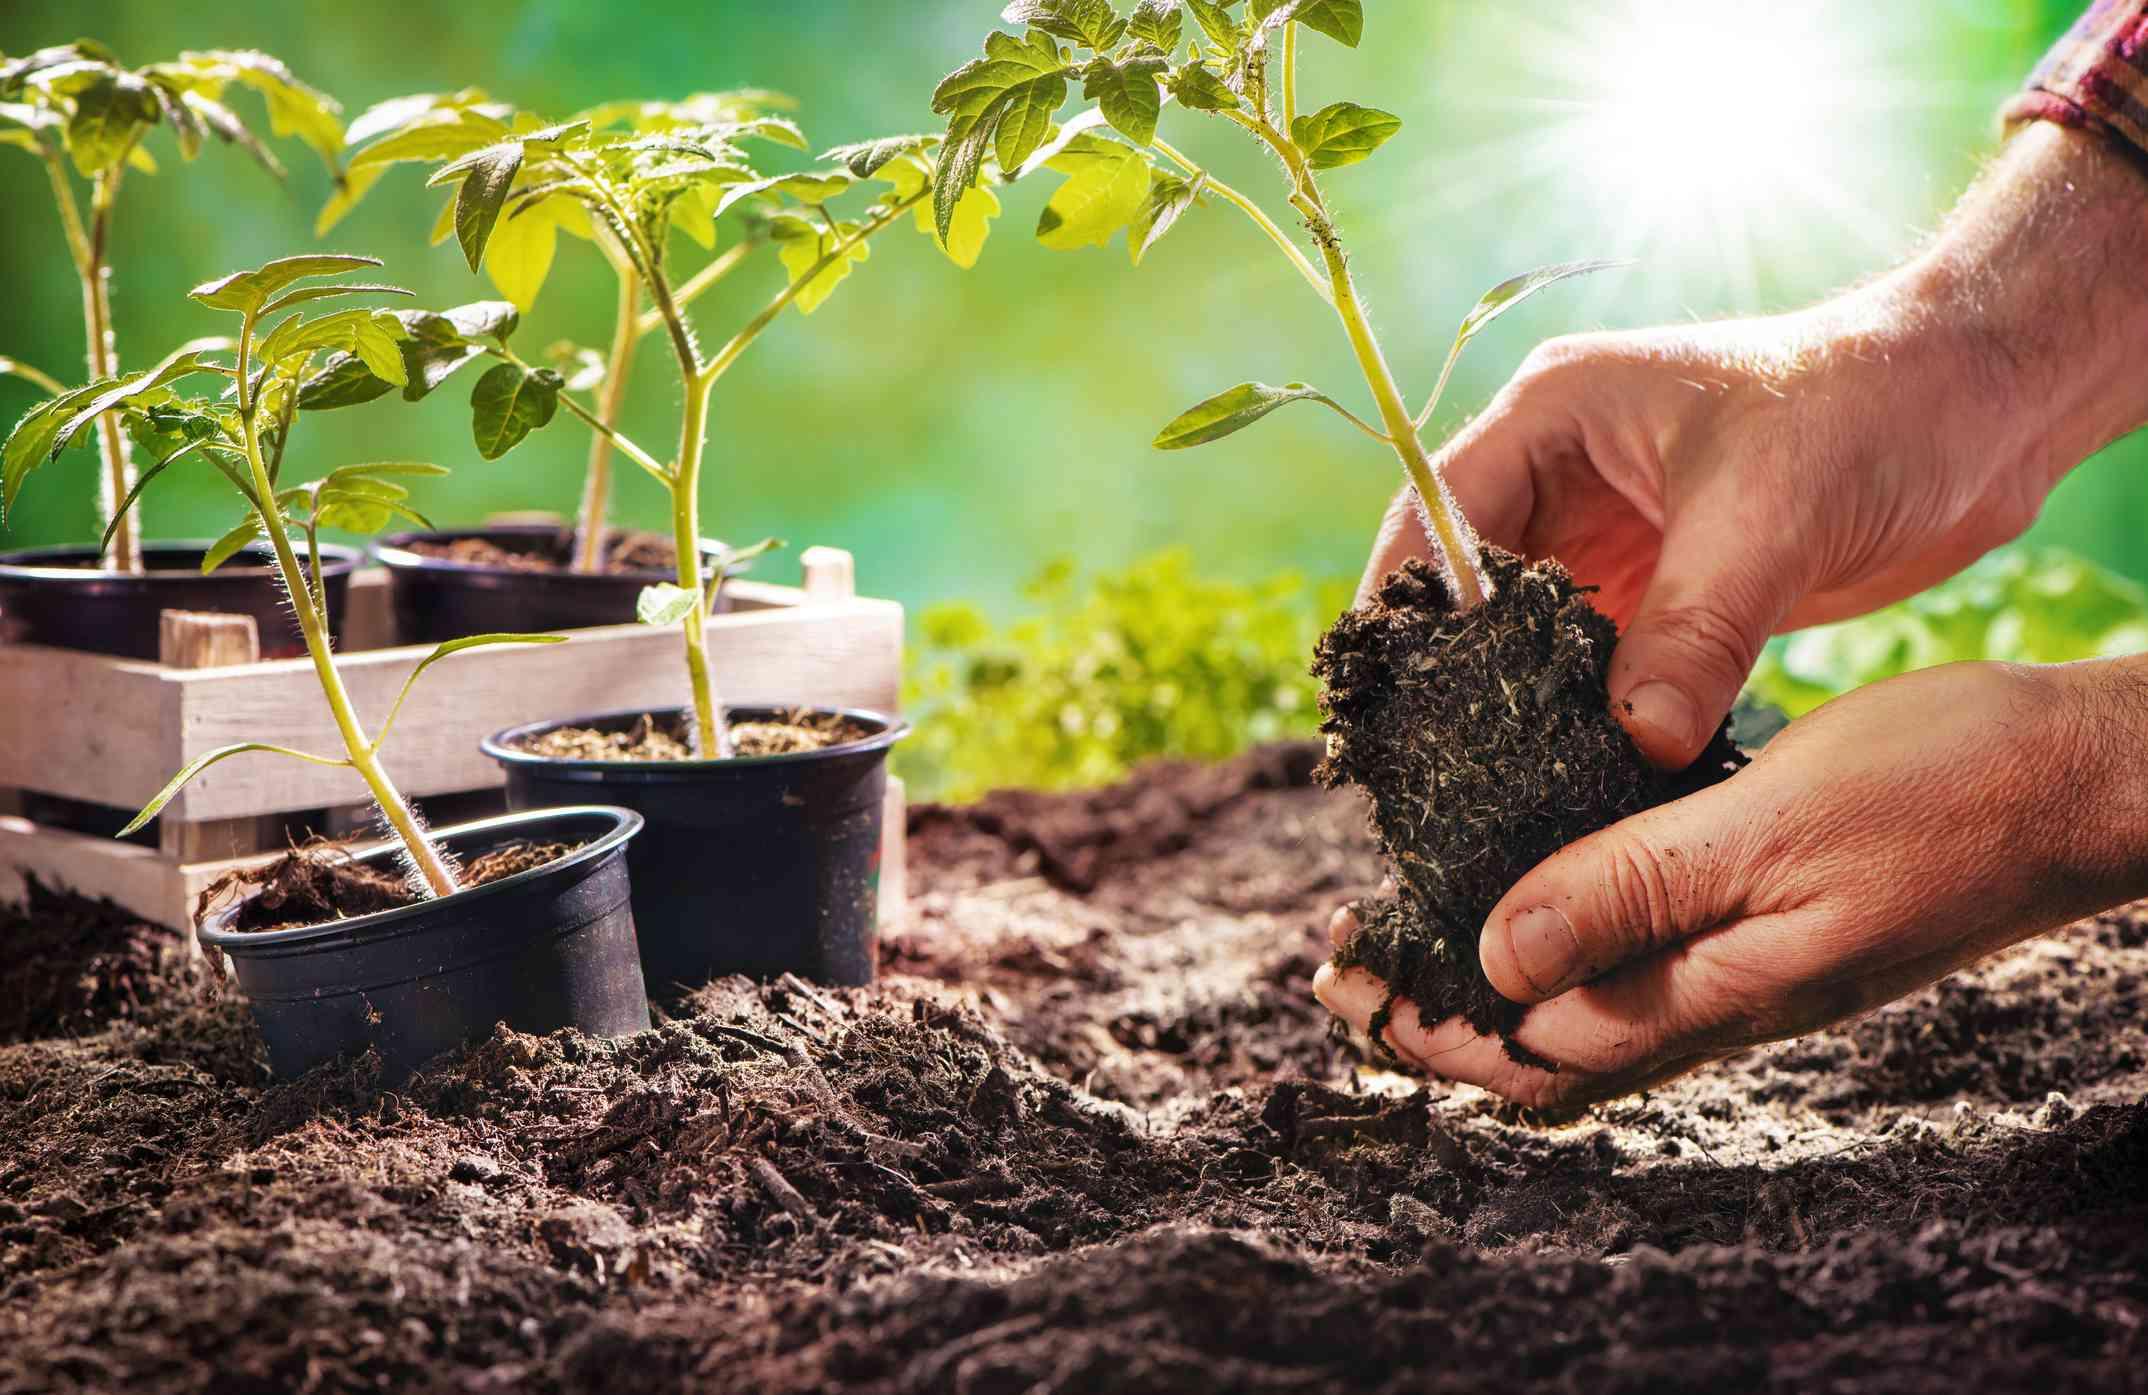 planting seedlings outdoors